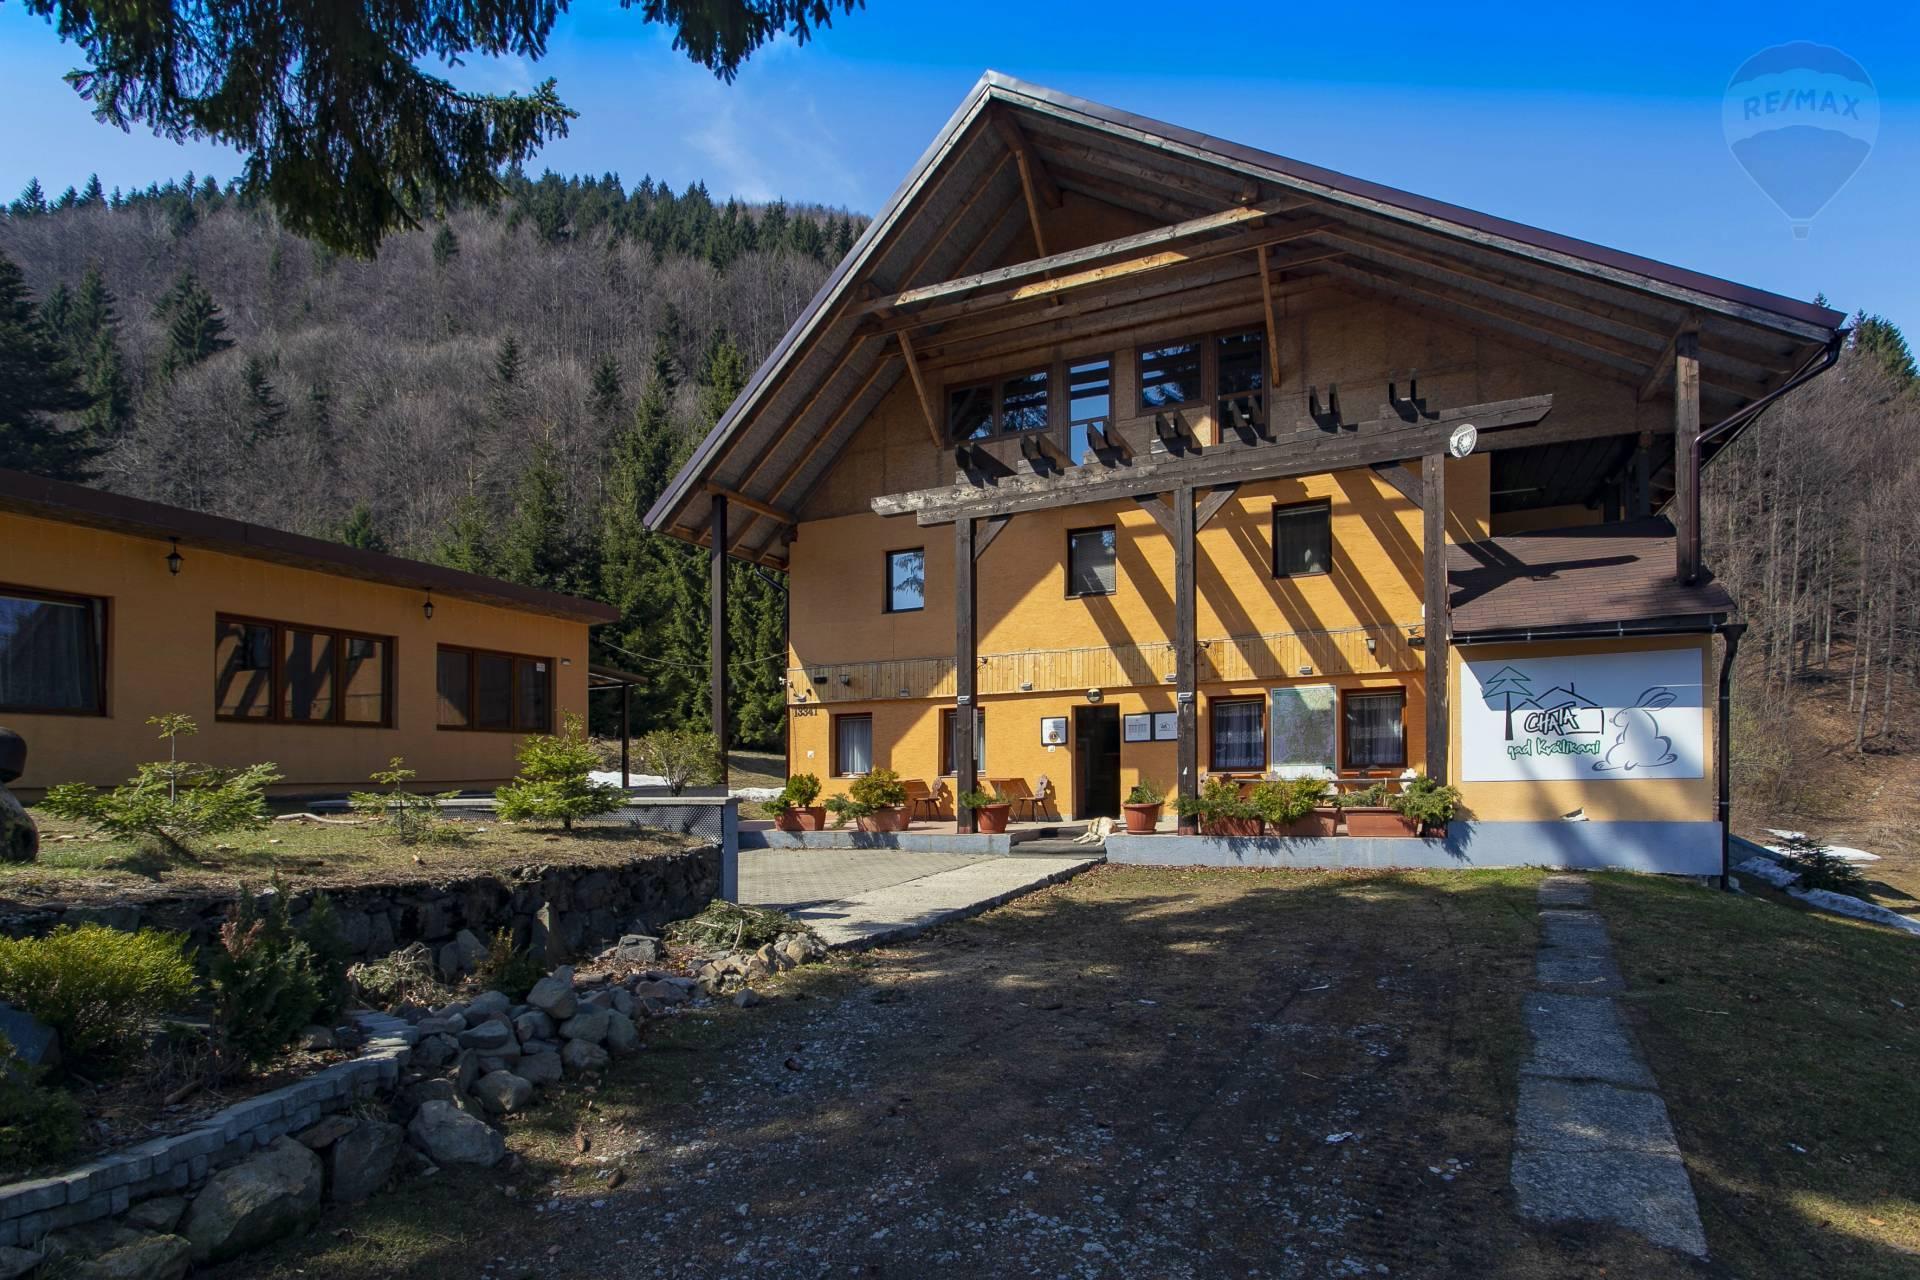 PREDAJ: Unikátna horská chata pri lyžiarskej zjazdovke500 m2, obec Králiky, okres Banská Bystrica